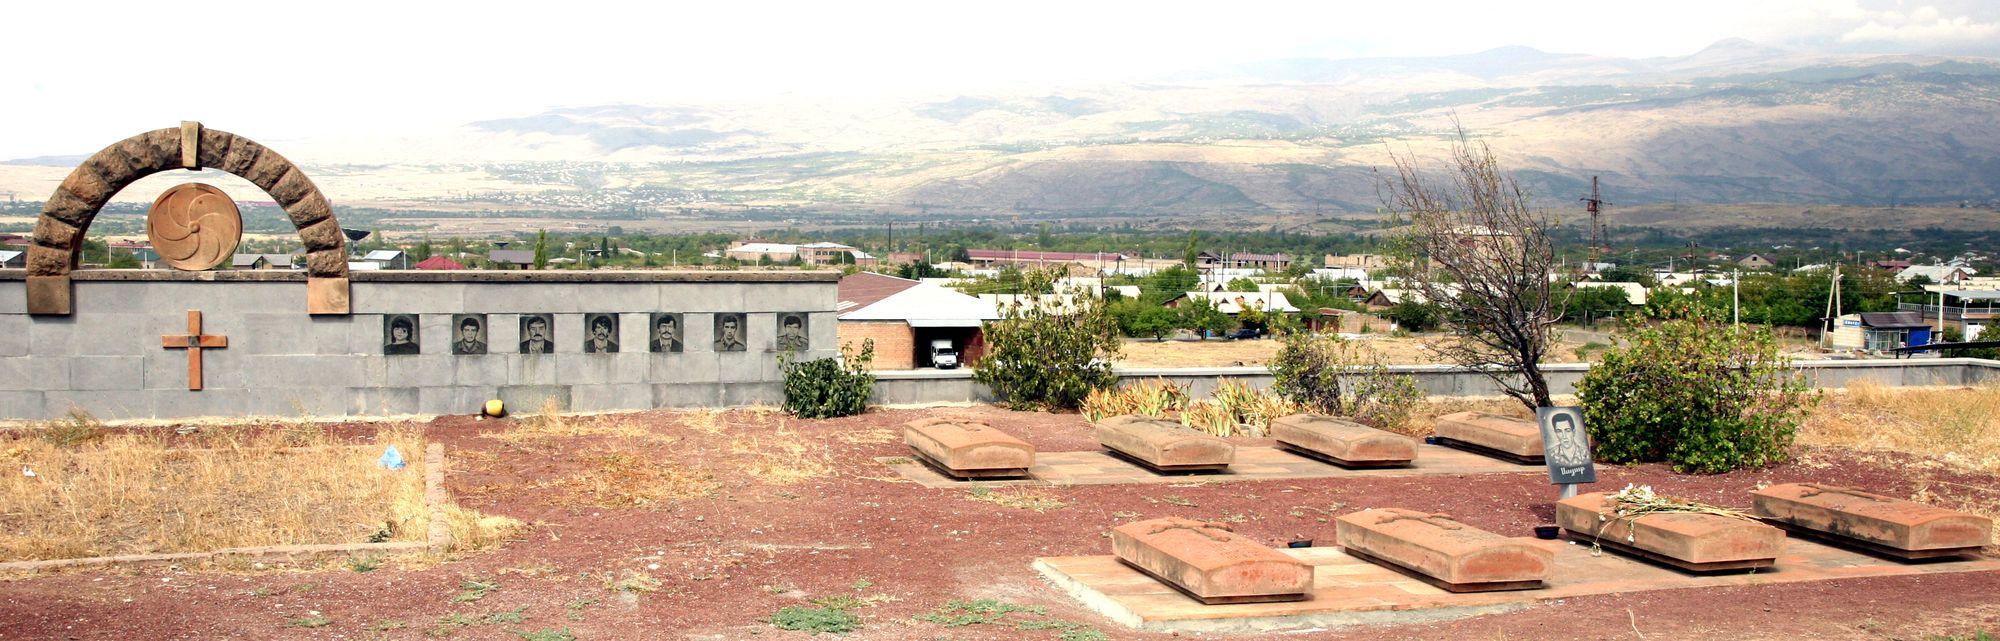 согласилась тем, город аштарак армения фото подарок браслет